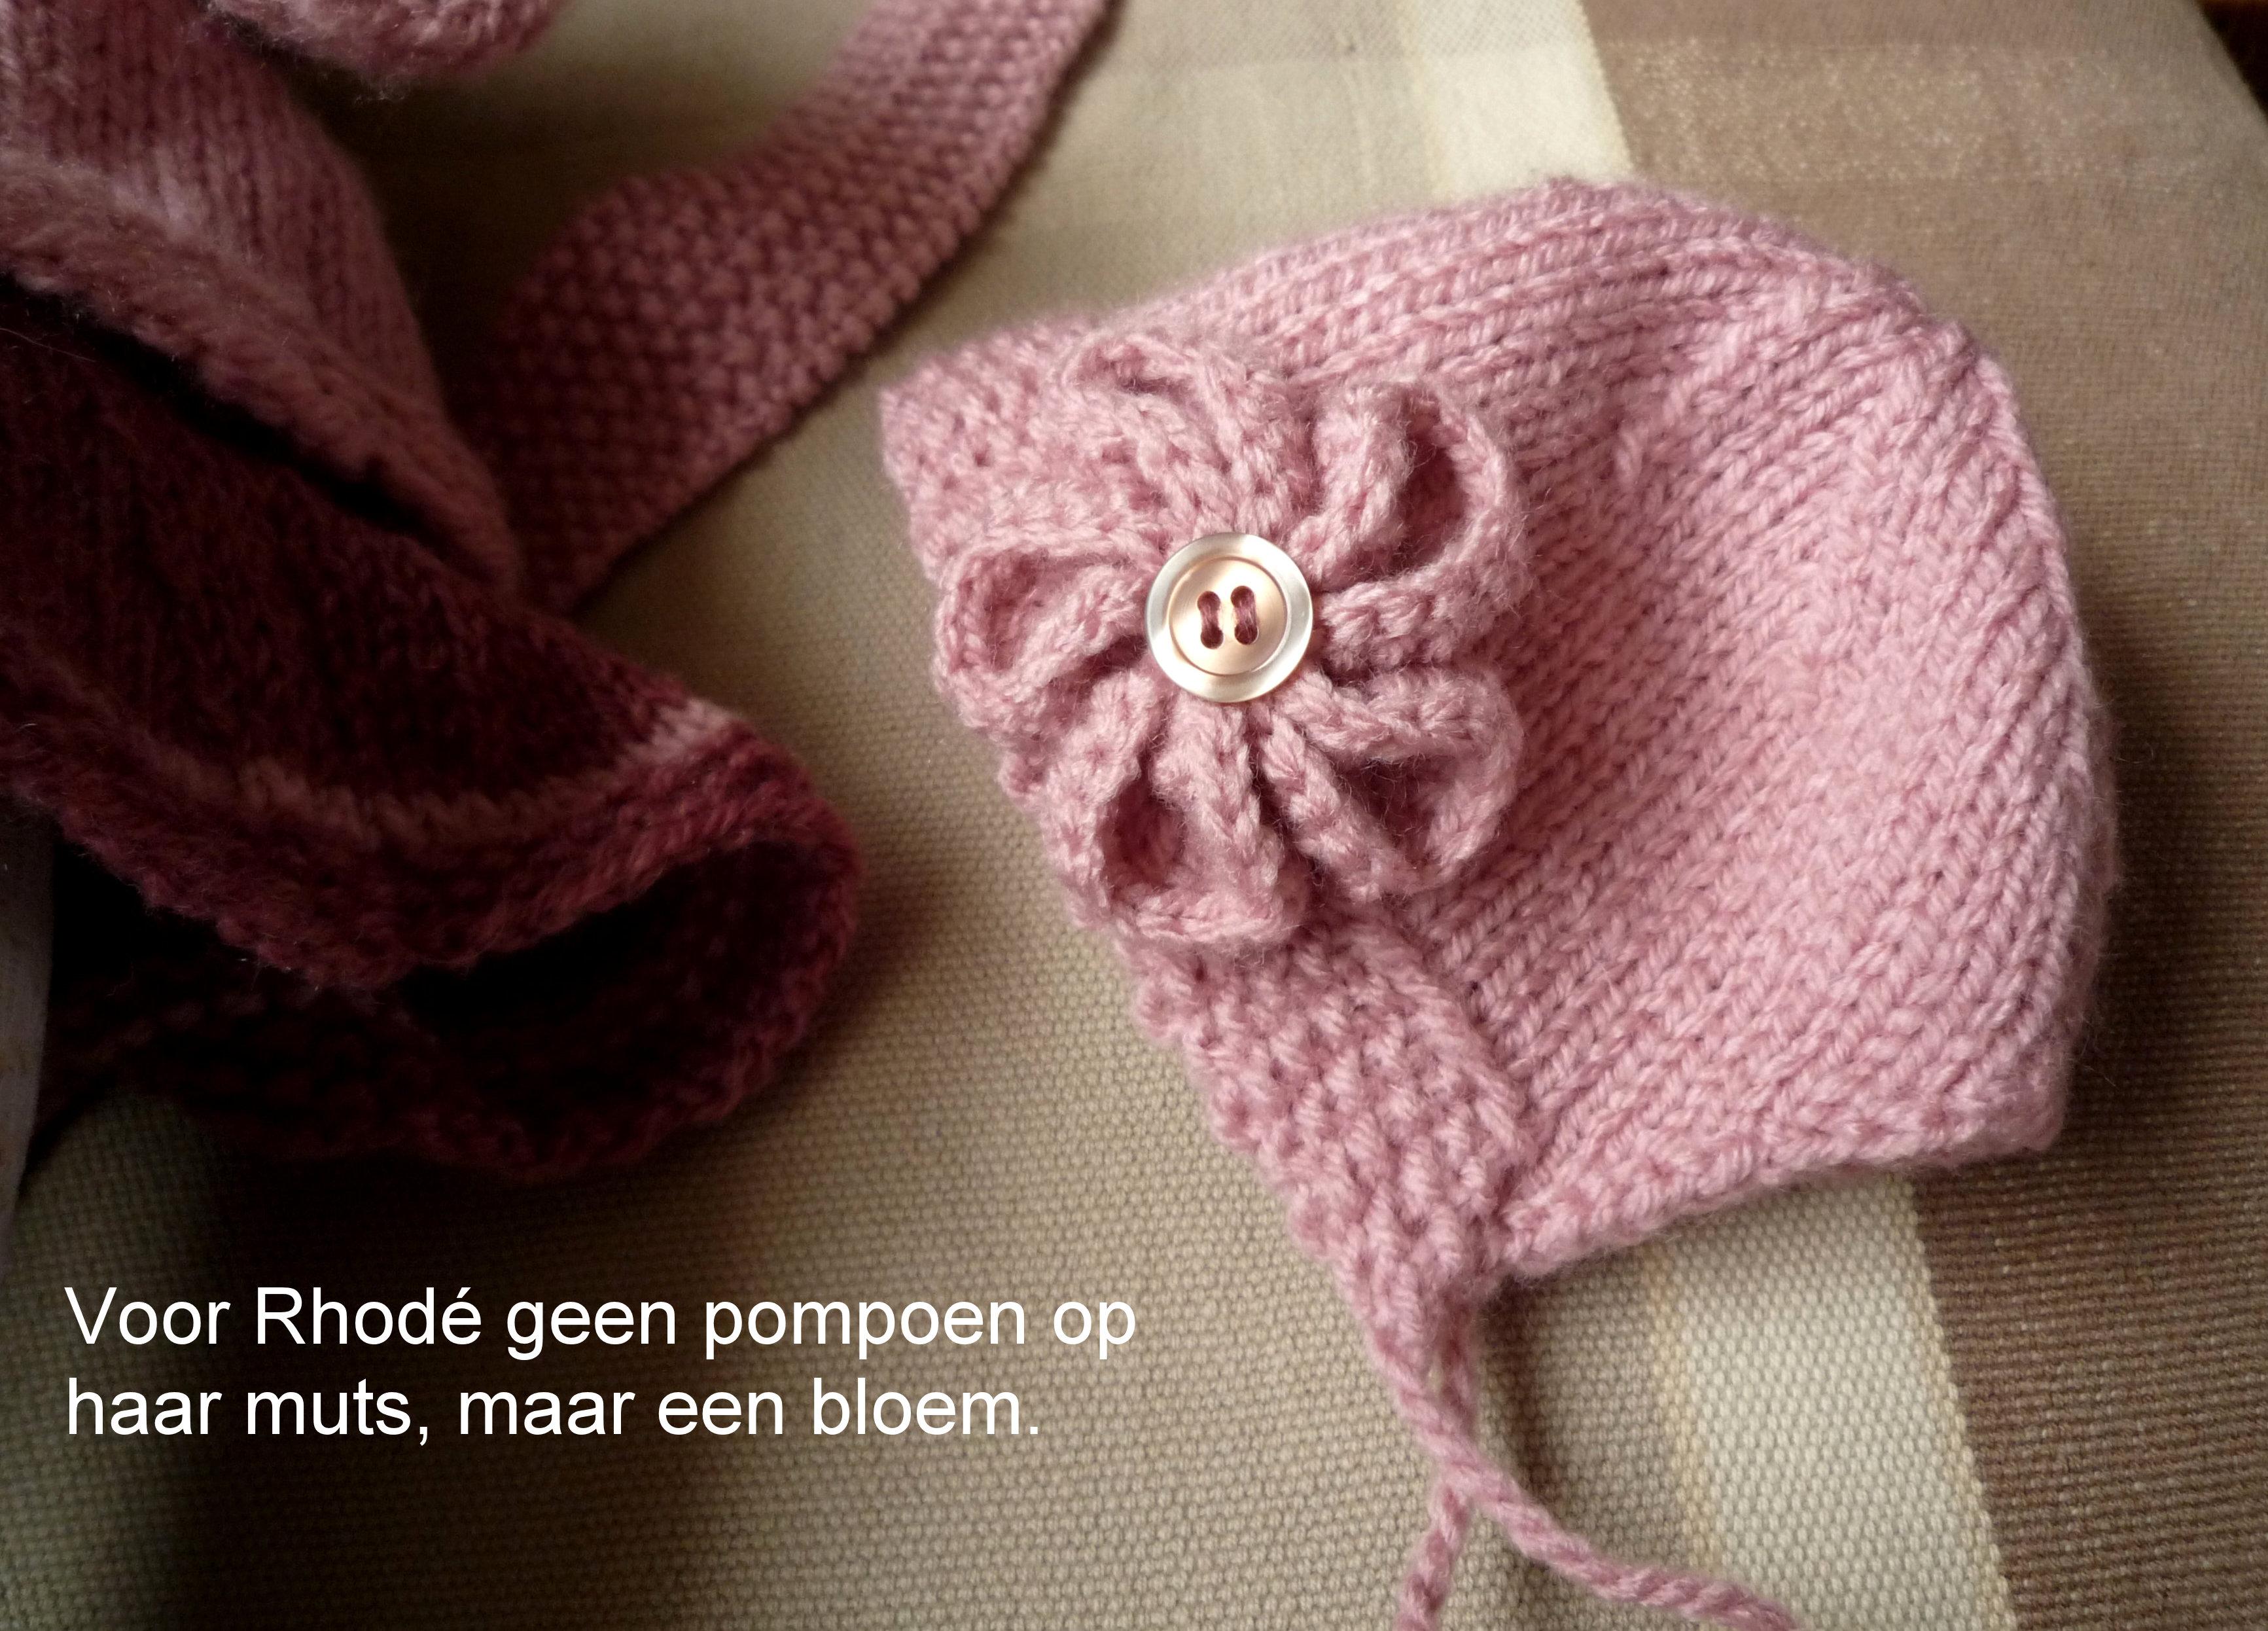 https://welkepopisdat.nl/afbeeldingen-Forum/DurvinaFotos/Bart,%20Daan%20en%20Rod%c3%a9%20(10).JPG